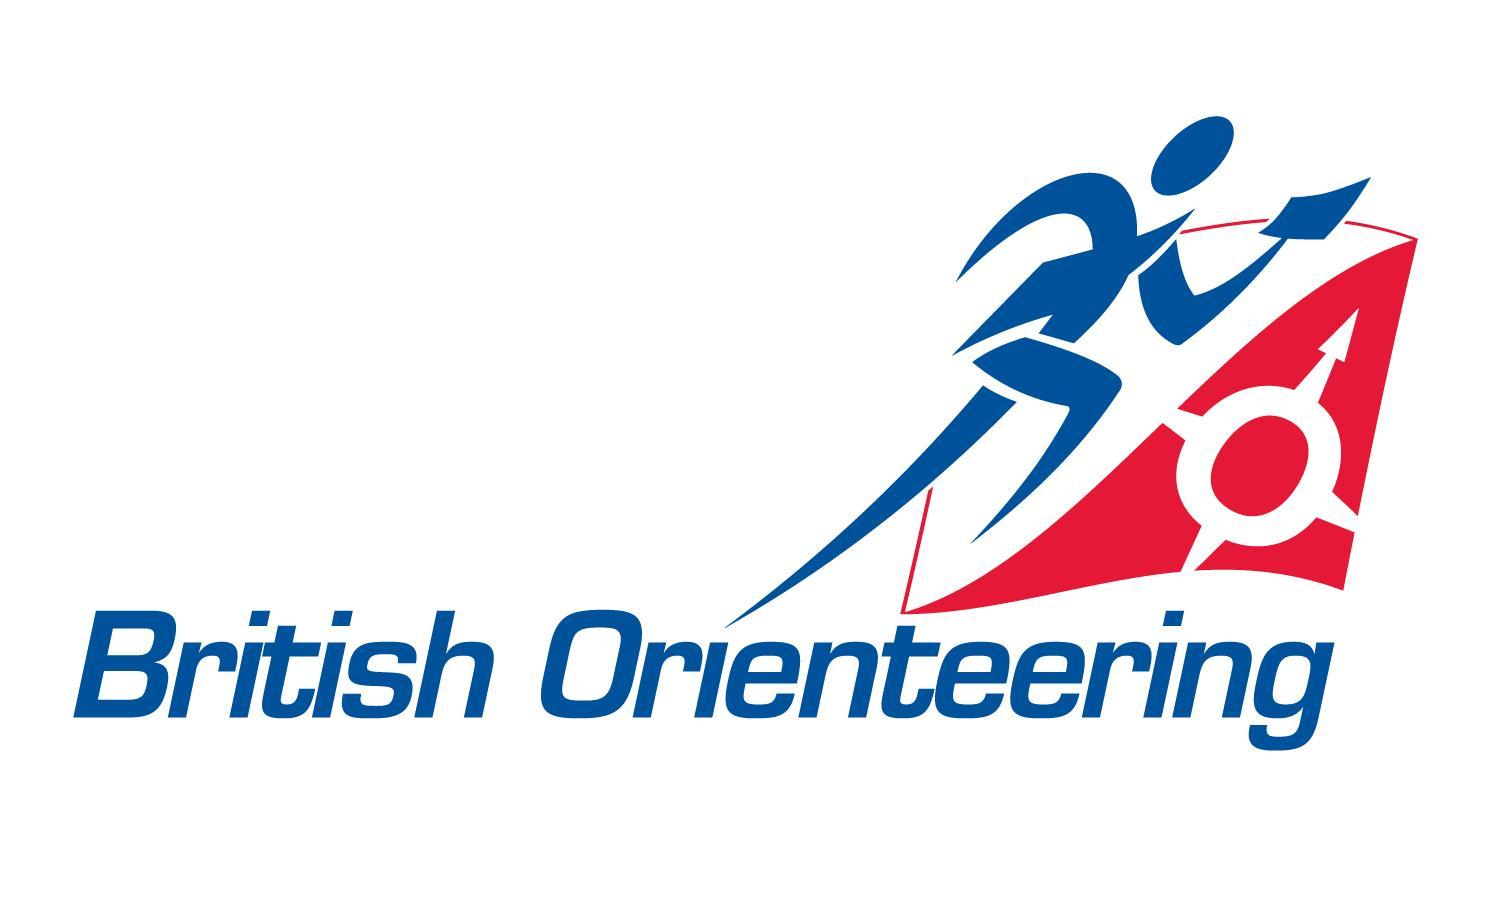 British Orienteering ()